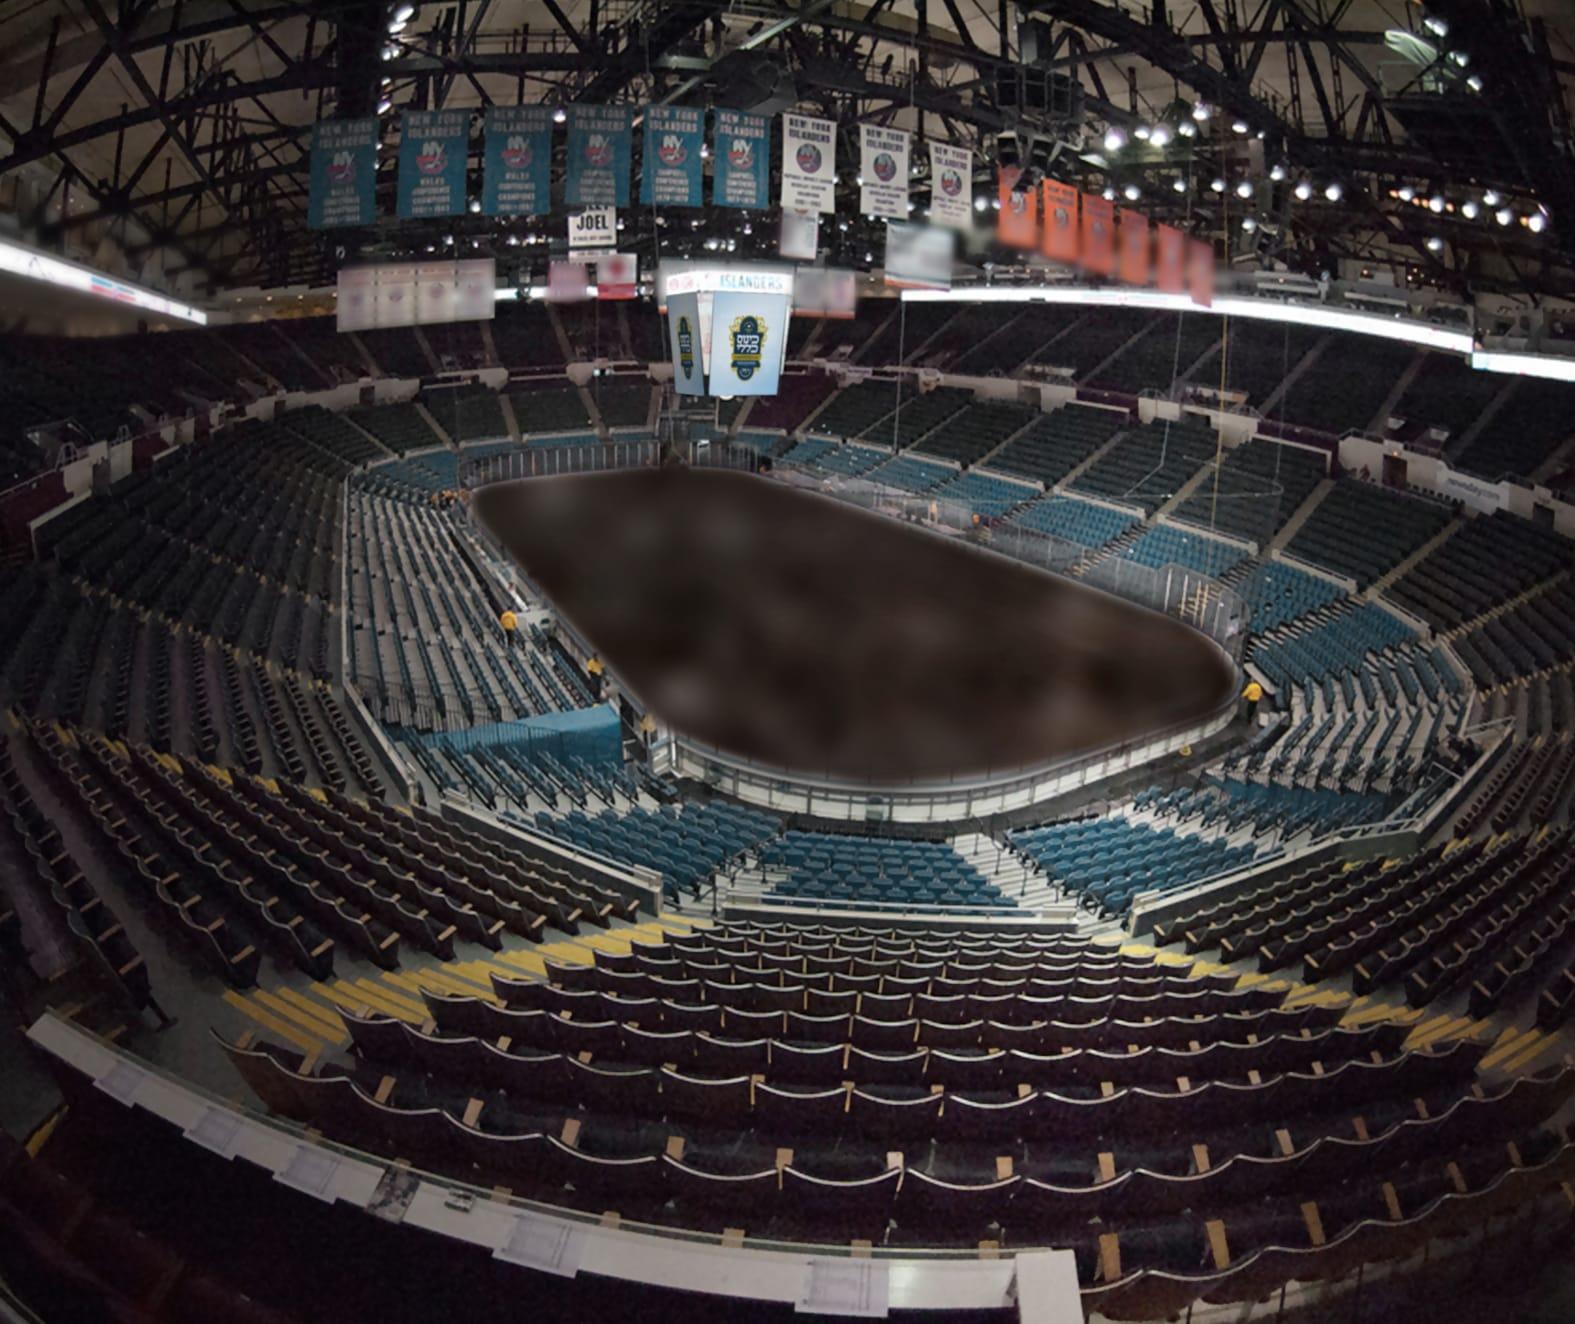 הכינוס הכללי של סאטמר רגע לפני: כך נראה האיצטדיון